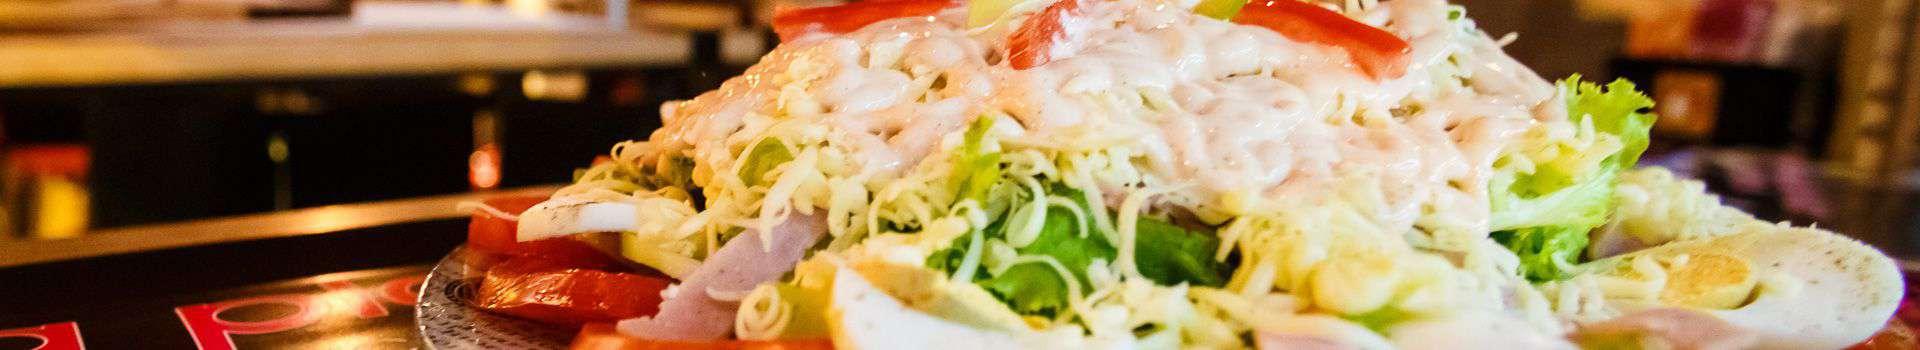 24ωρο Delivery Σαλάτες - La Place